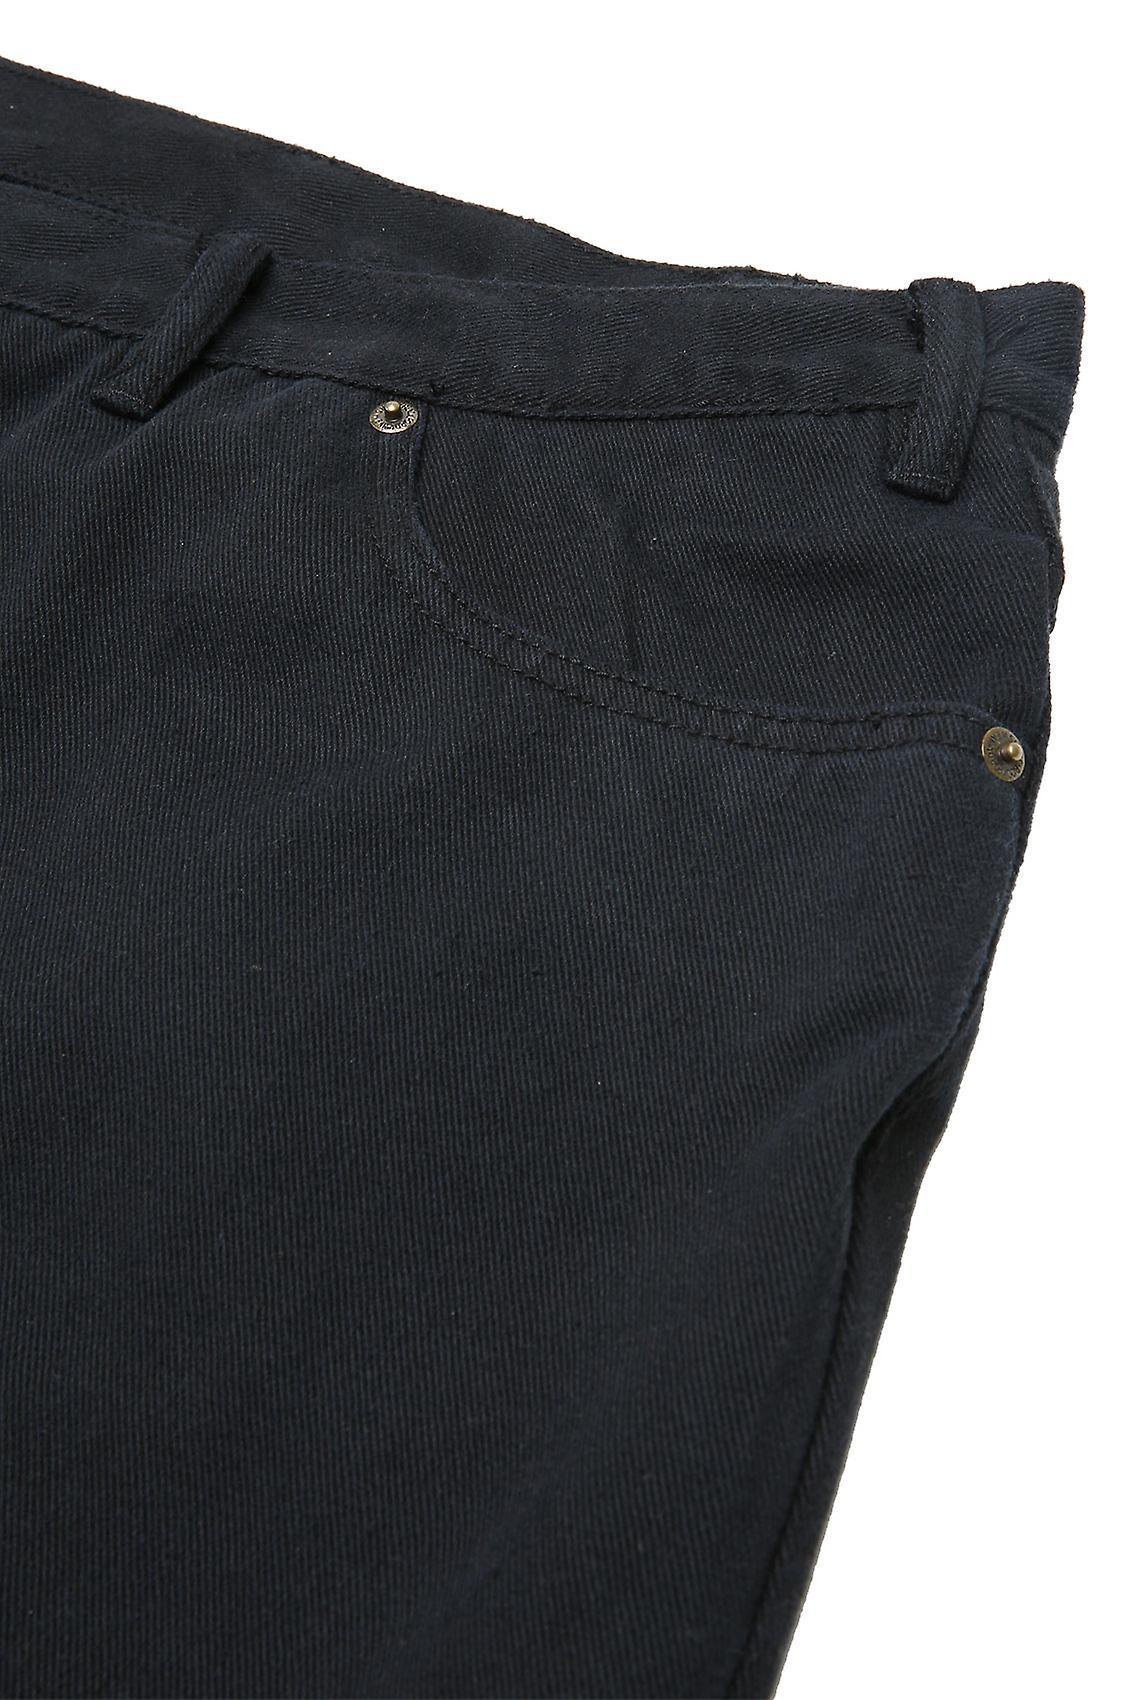 Rockford Black Stretch Jeans